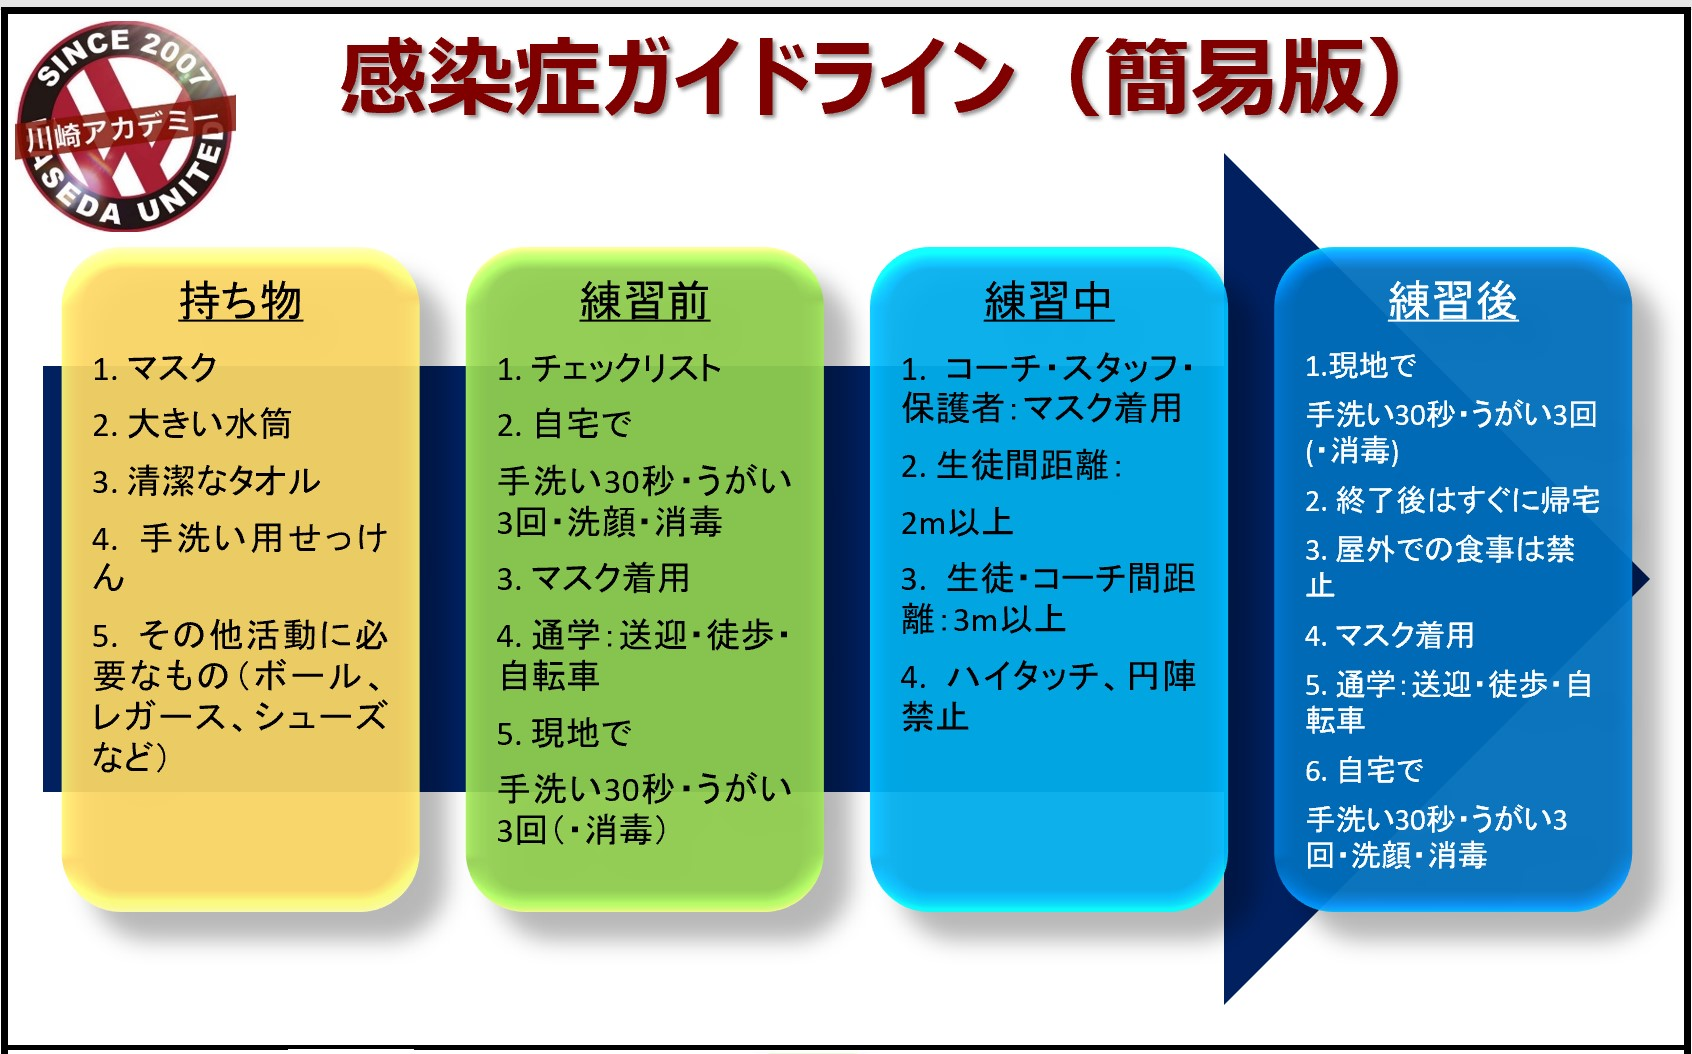 【2020/5/26更新】 6/1(月)からアカデミー活動再開決定のお知らせ